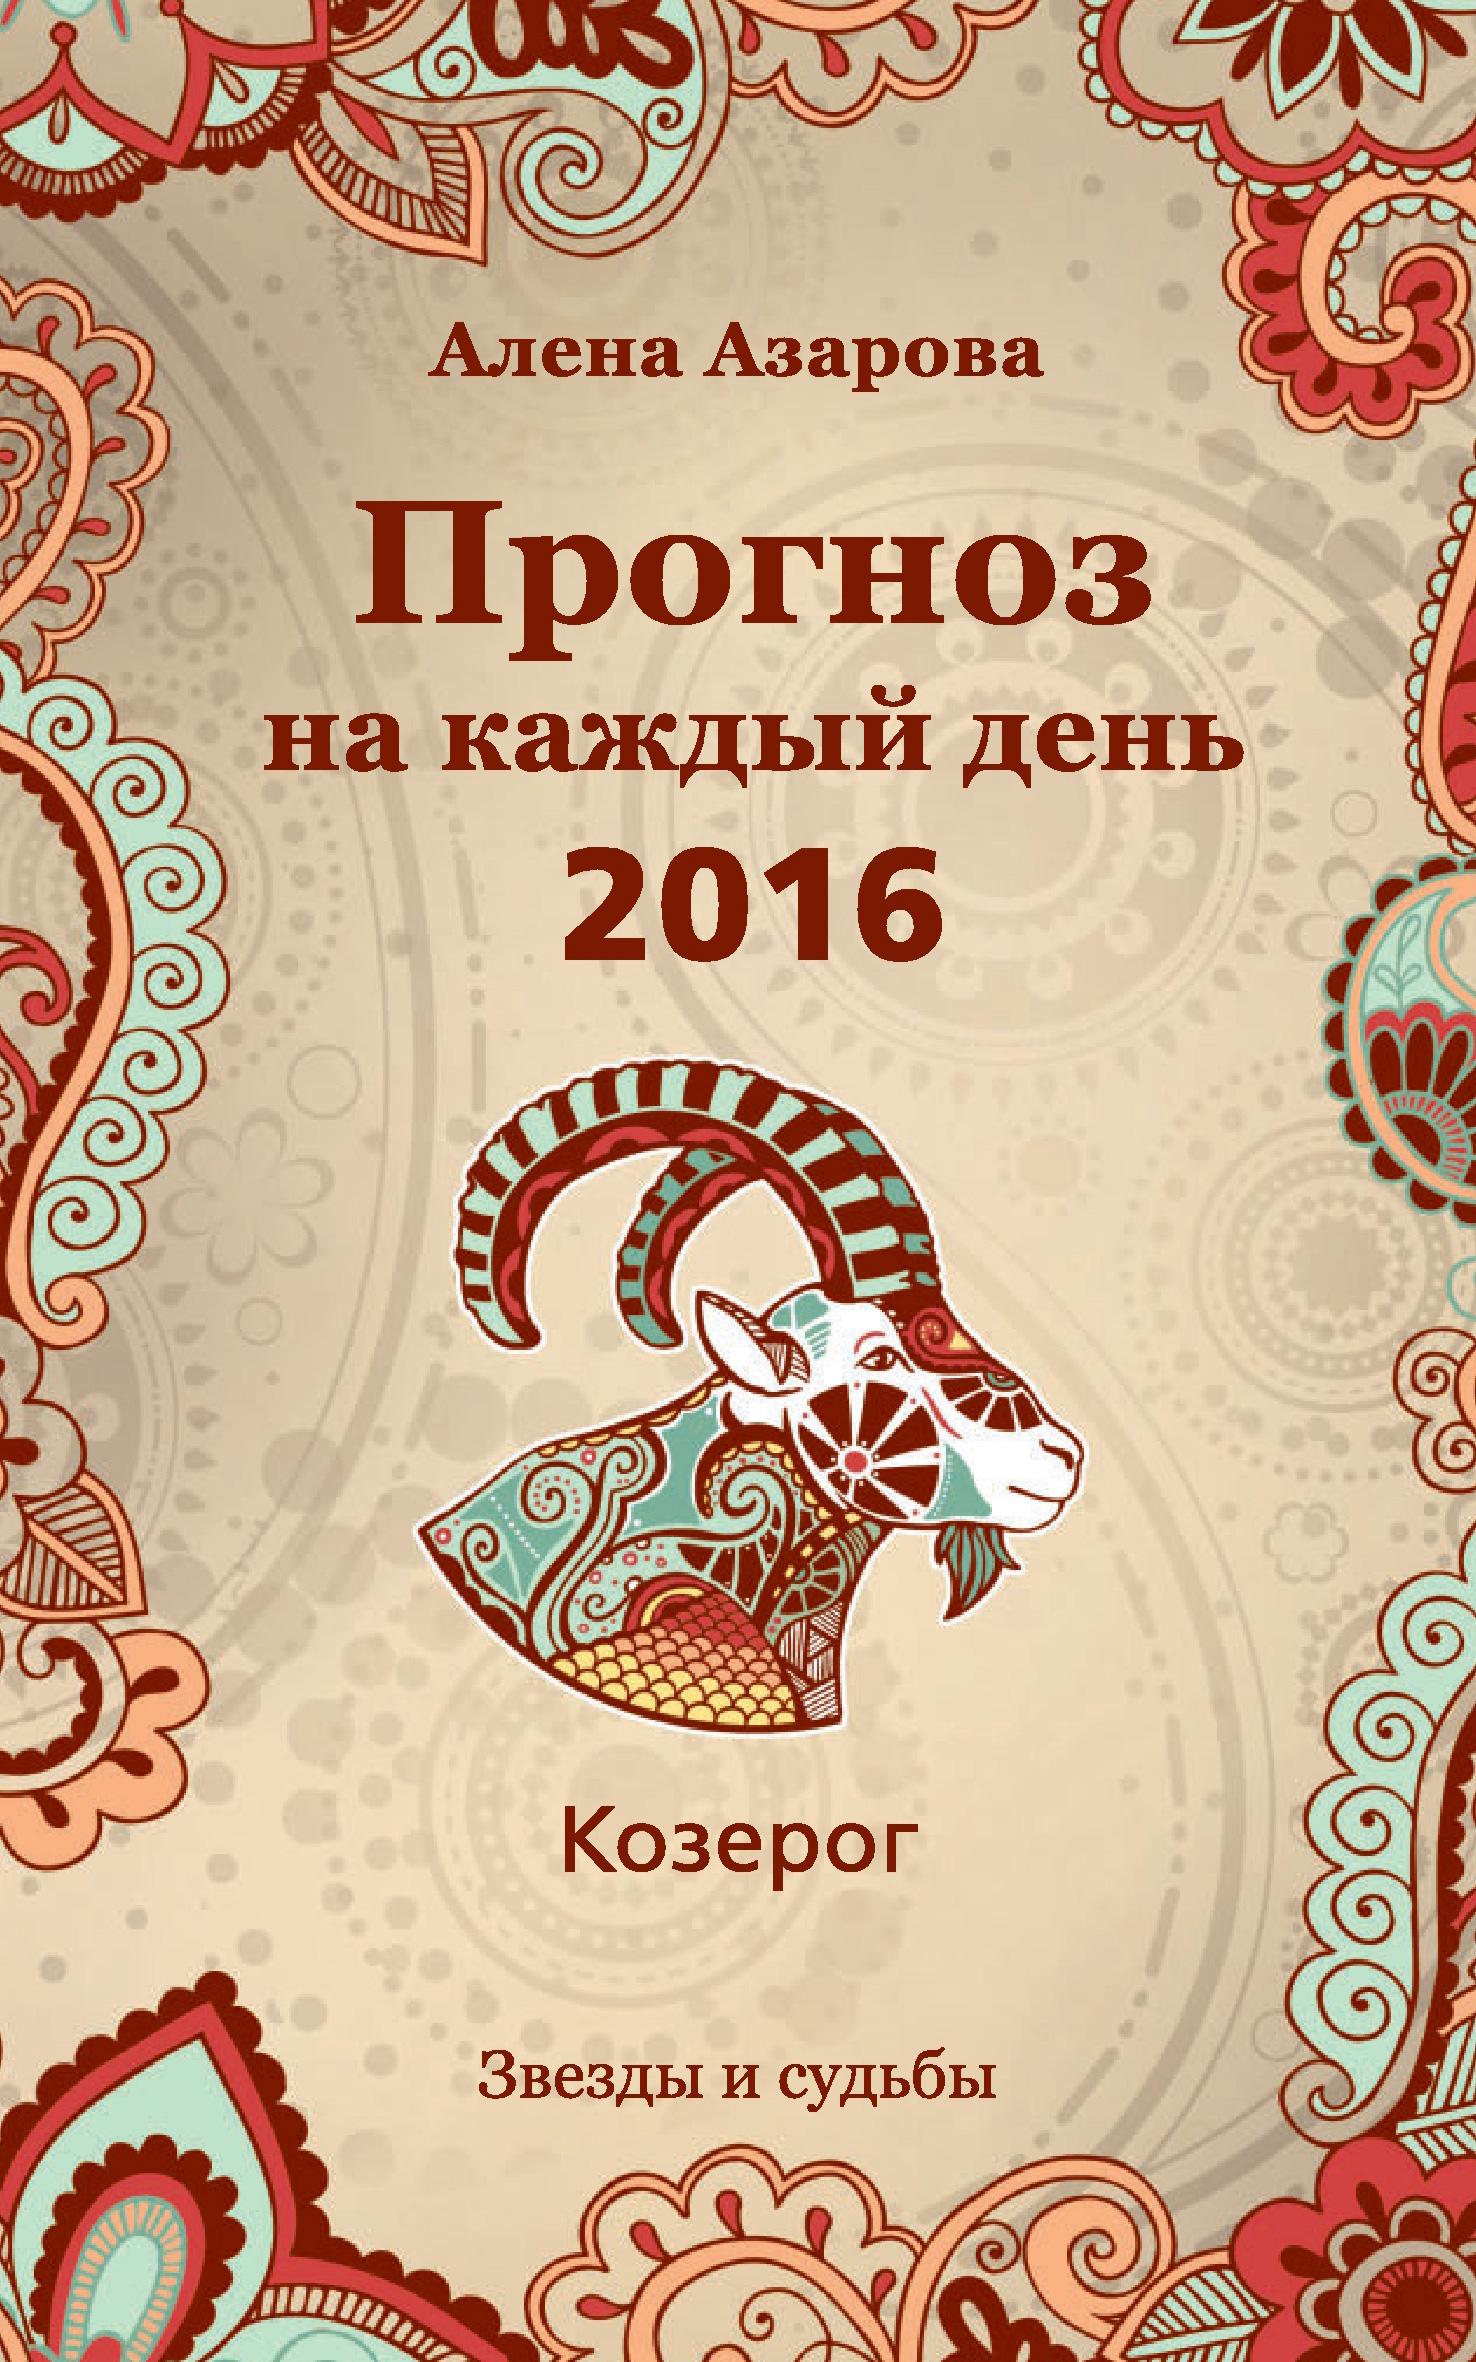 Алена Азарова Прогноз на каждый день. 2016 год. Козерог алена азарова прогноз на каждый день 2016 год скорпион